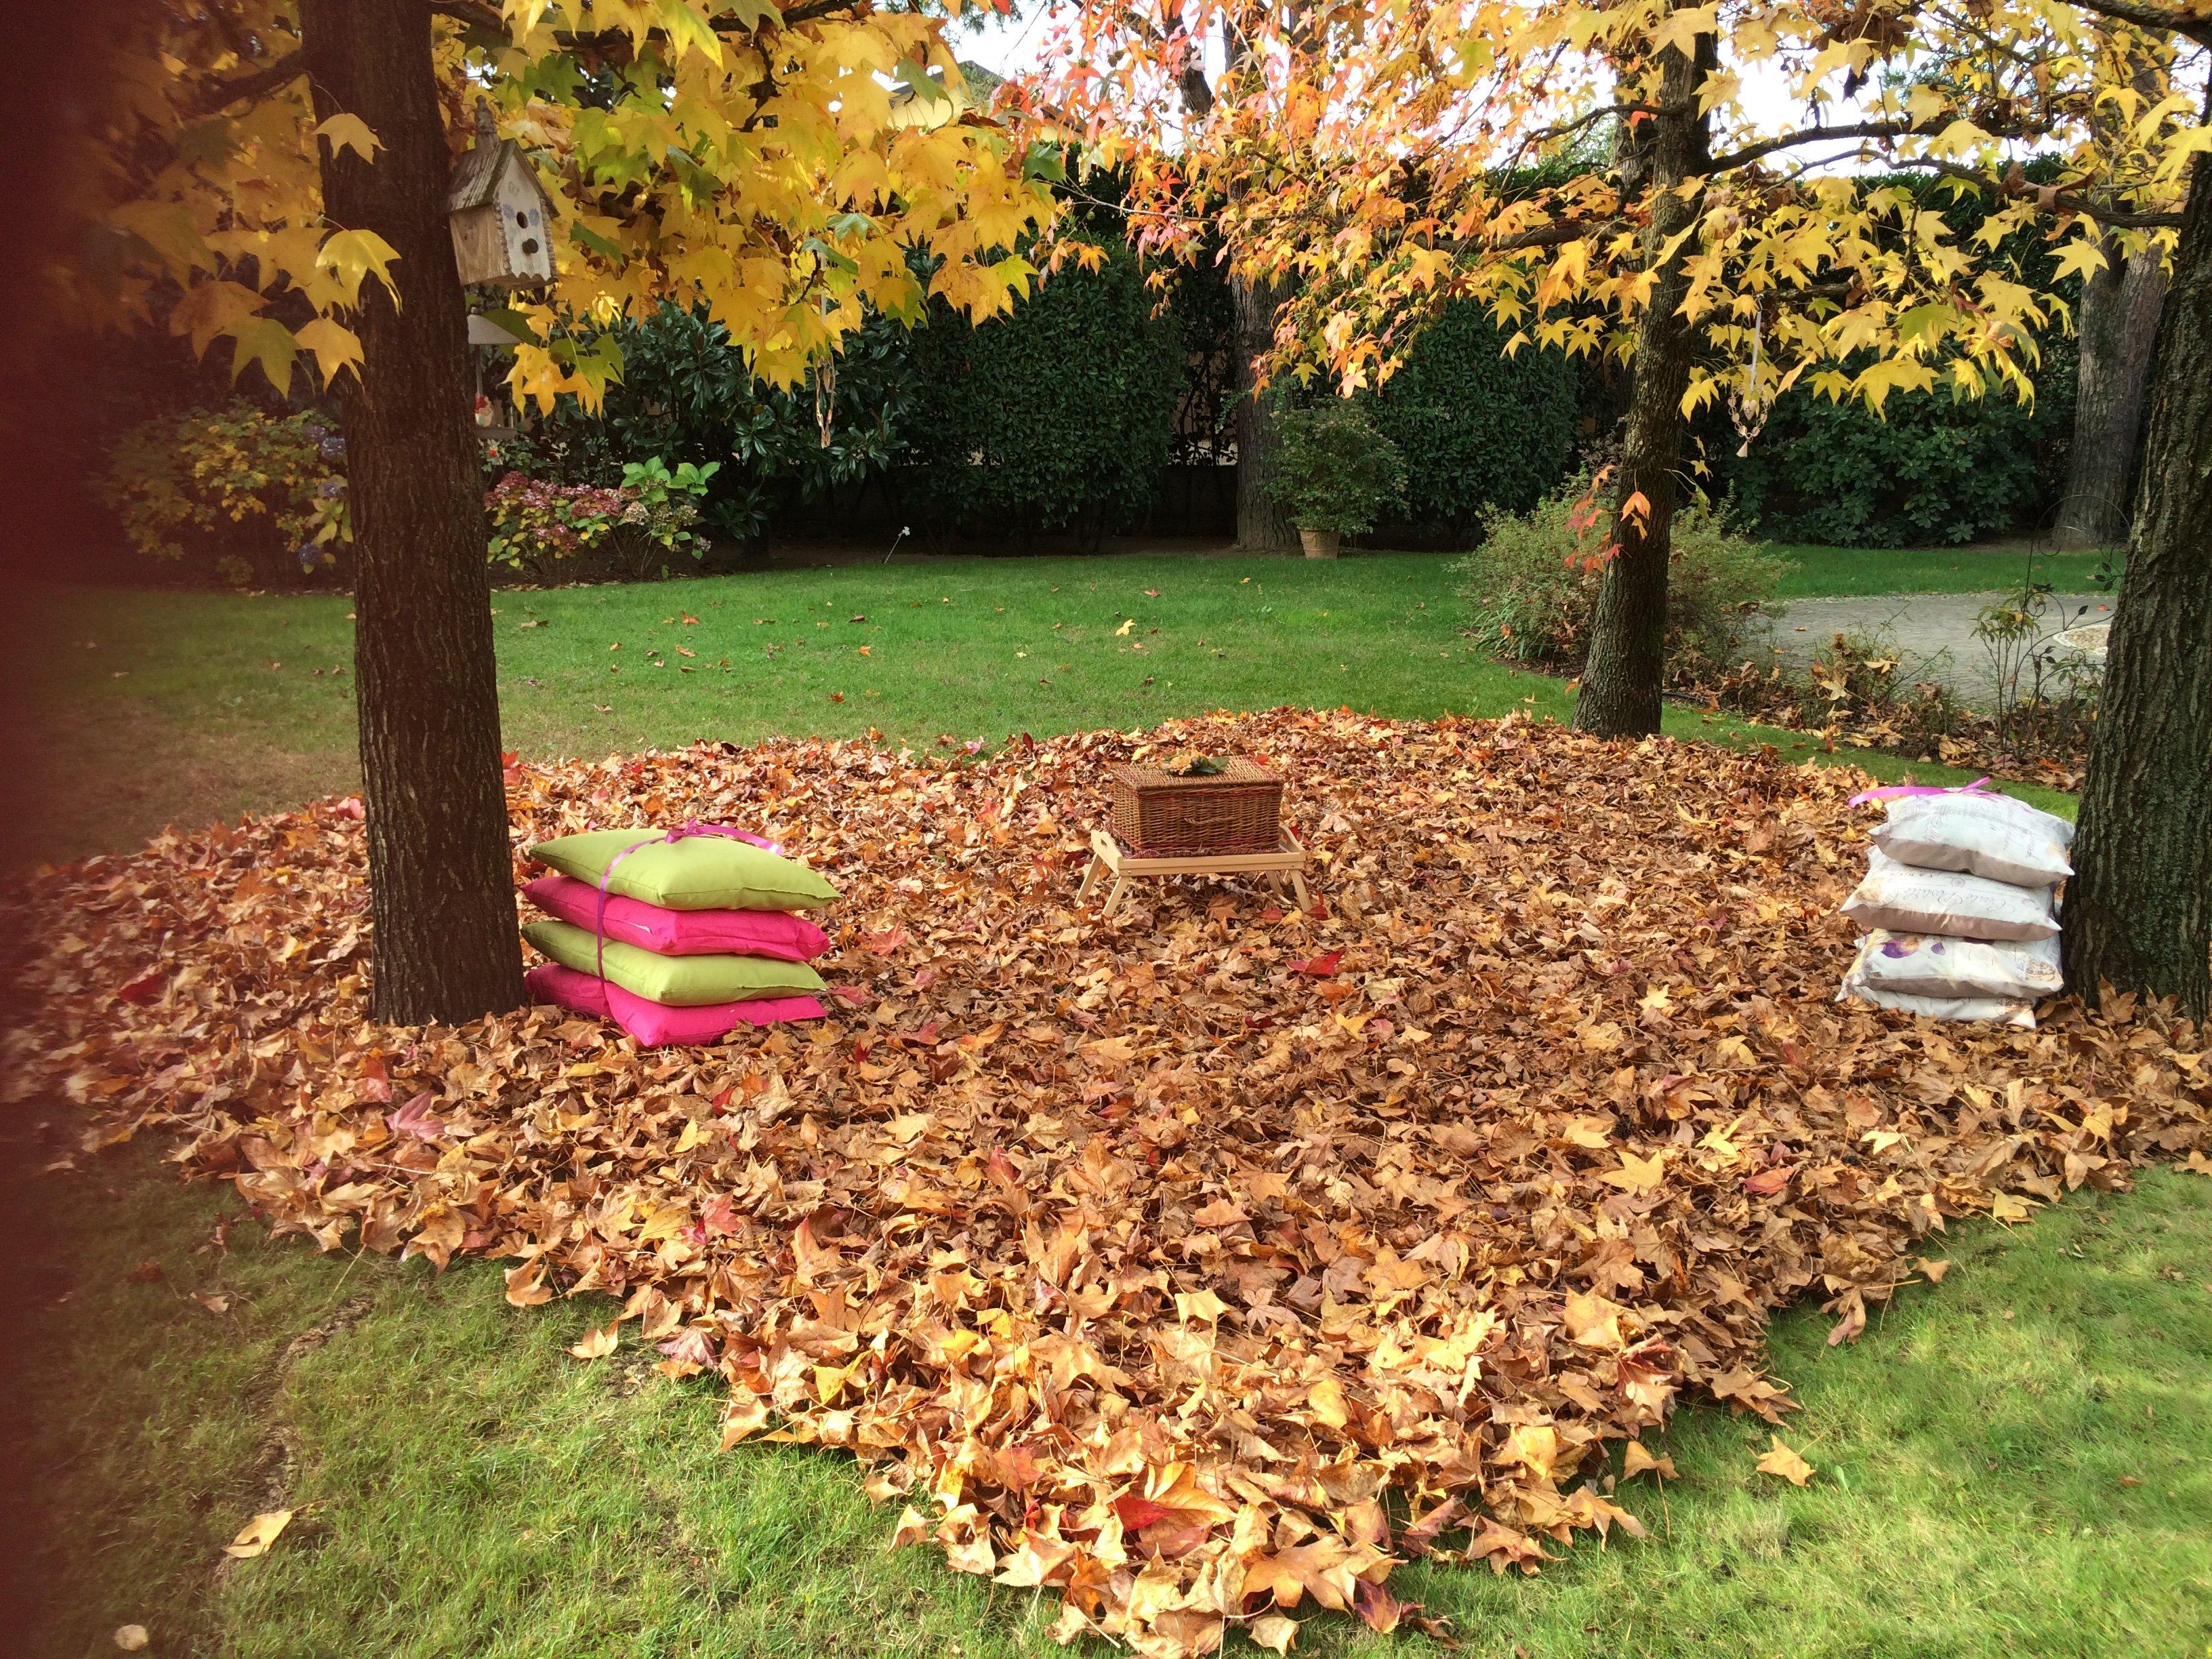 Spazio esterno per il riposo con le foglie